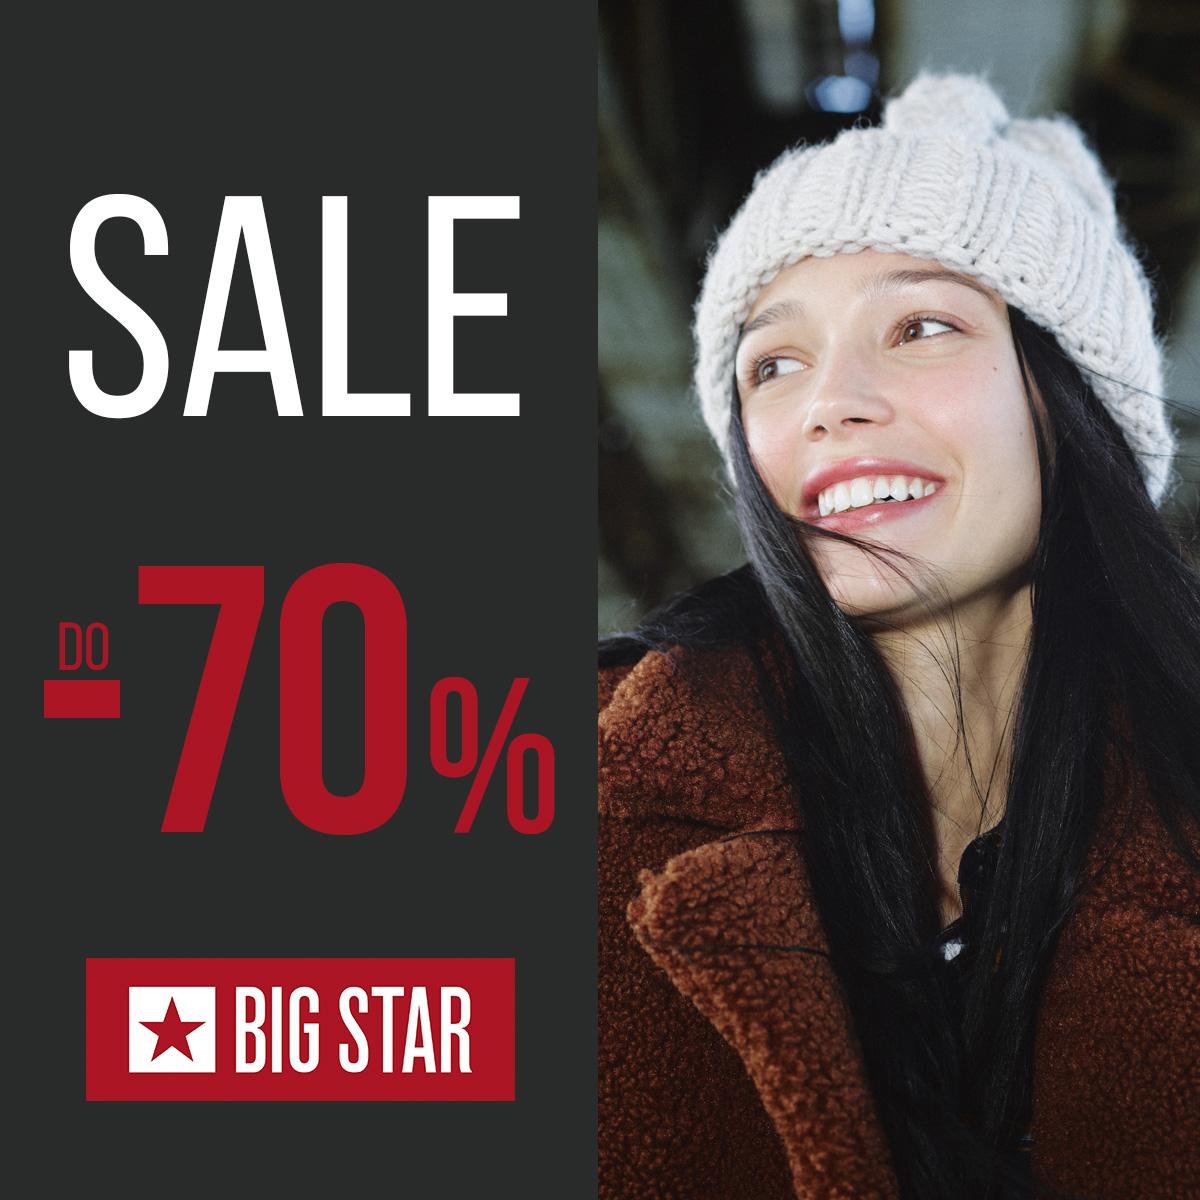 BIG STAR: wyprzedaż do -70%